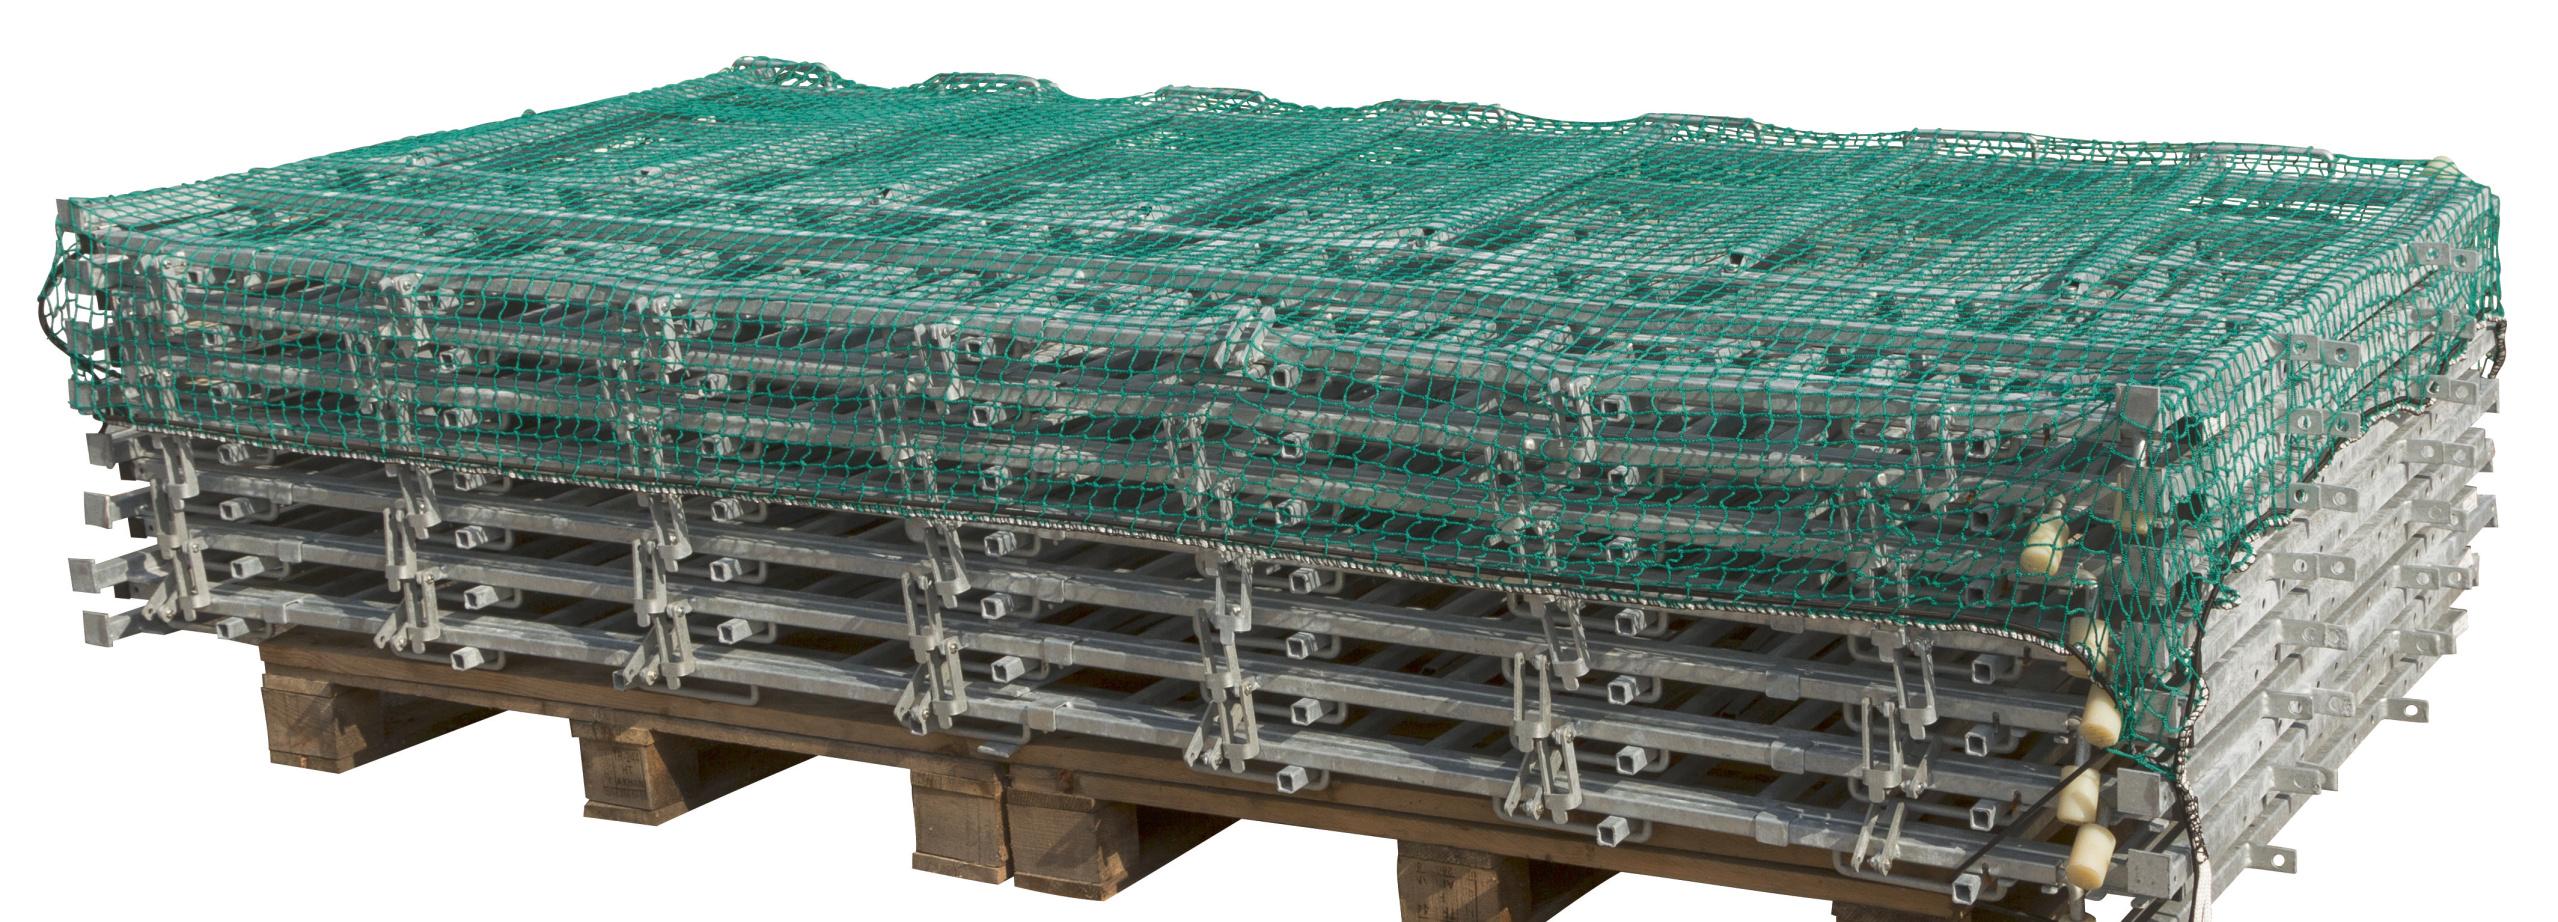 Abdecknetz 3,5 x 5m 45mm Maschenw./3mm Materialst.